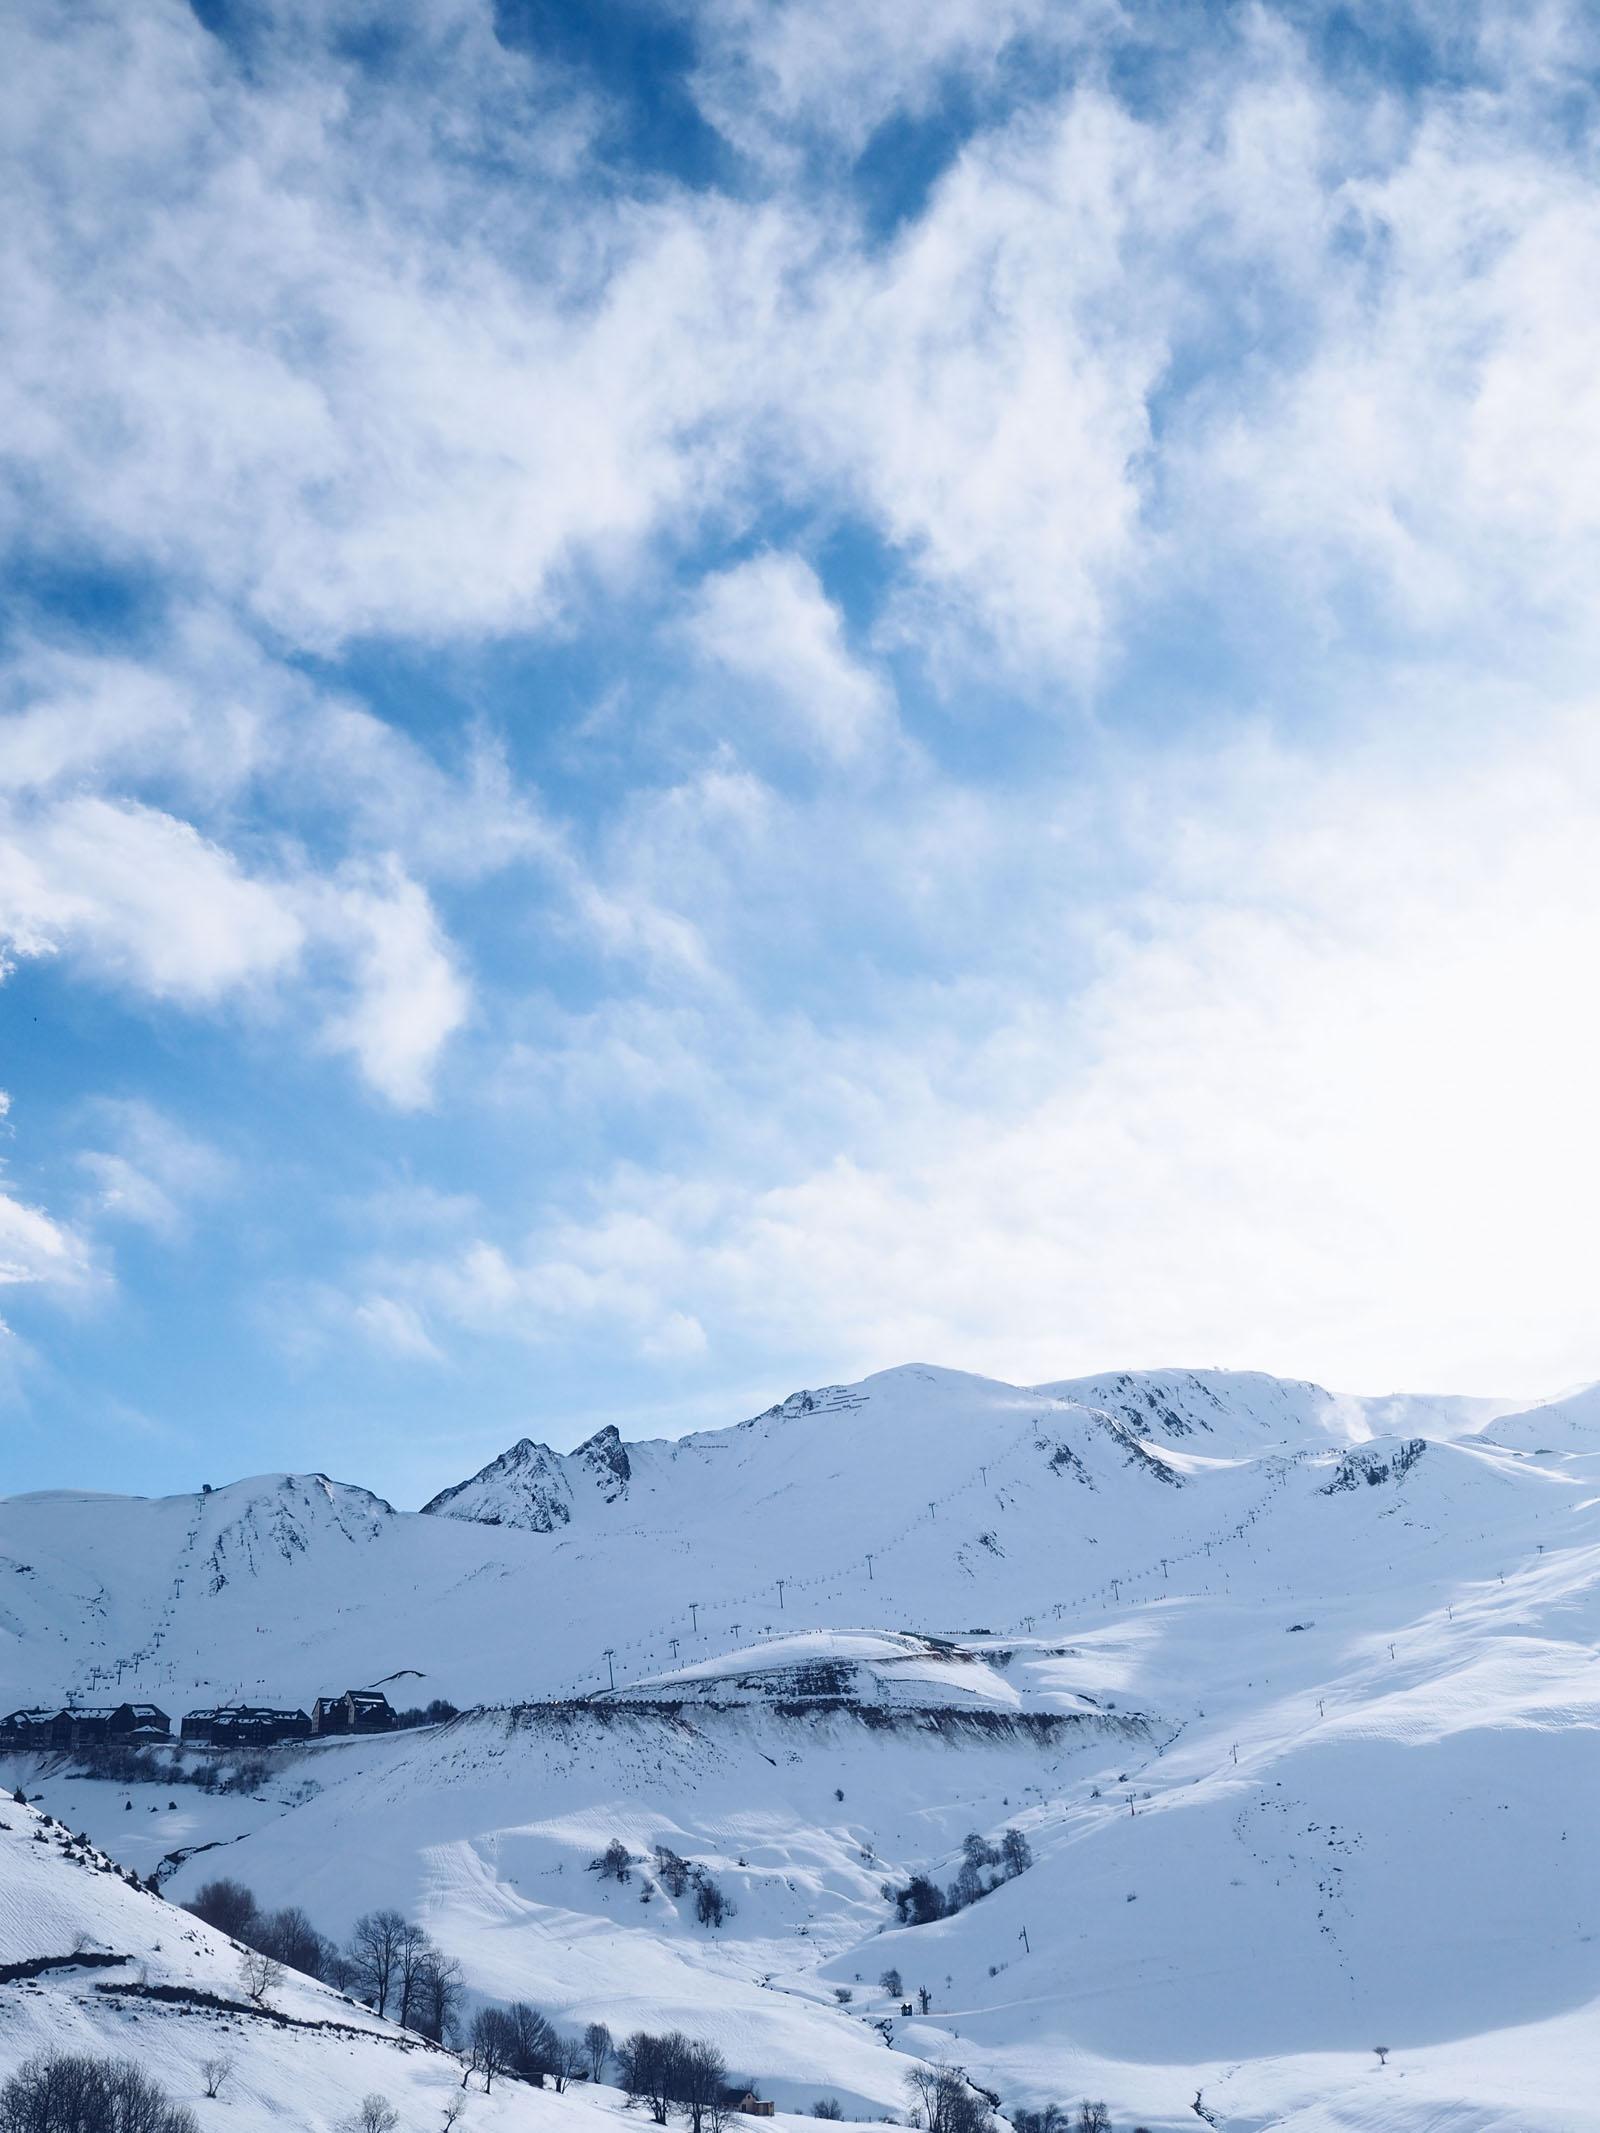 Vacances au ski en famille Hautes Pyrenees bonnes adresses hotel station l La Fiancee du Panda blog mariage et lifestyle-317931